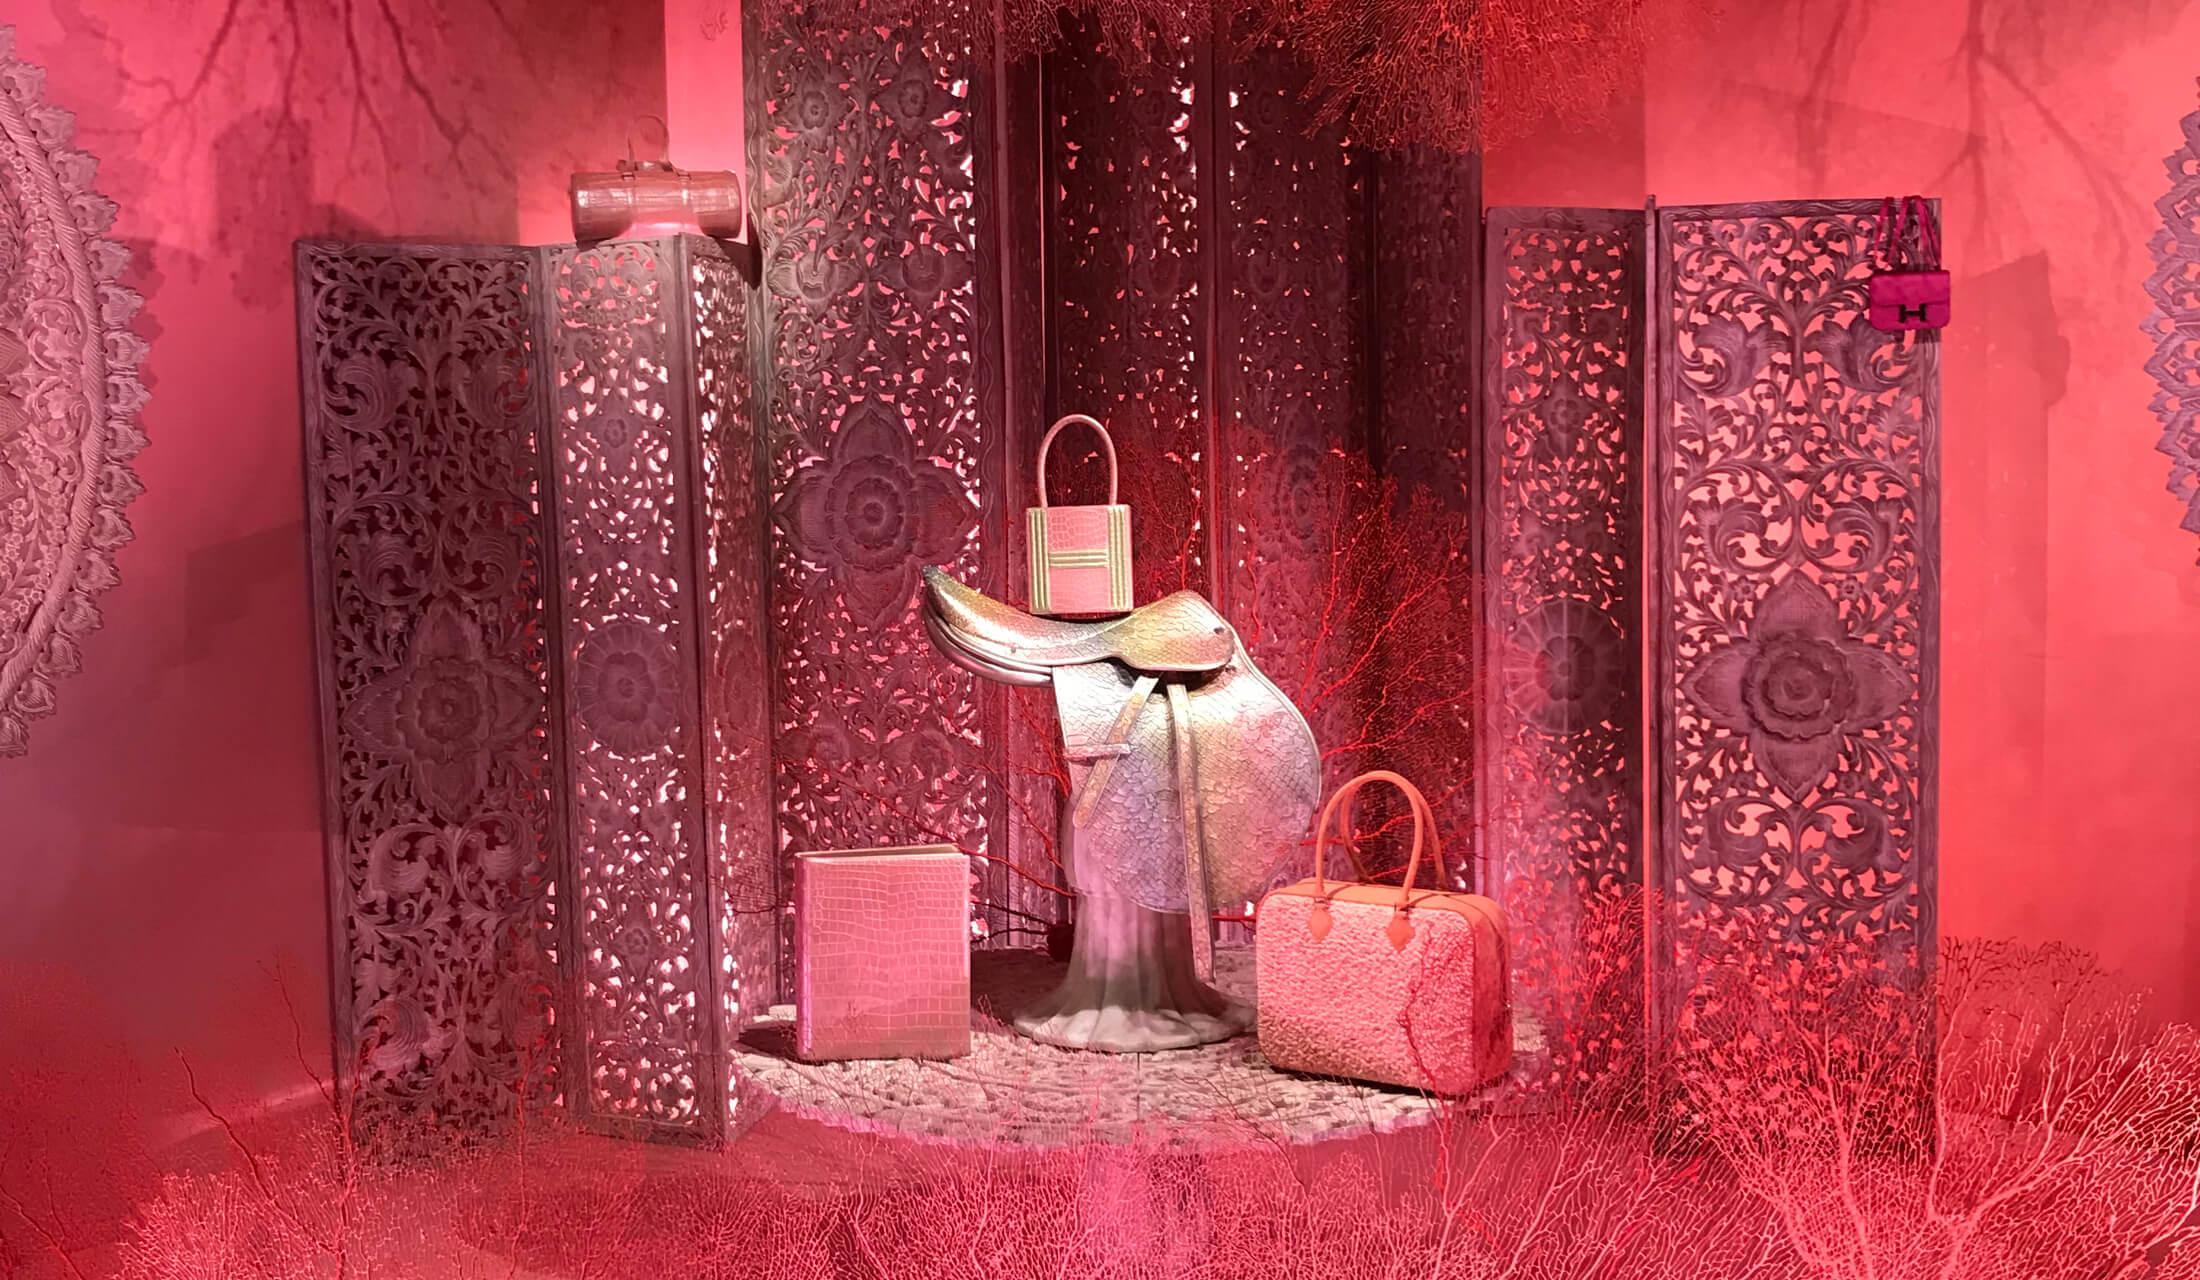 パリ、グラン・パレで開催中の『Hermès à Tire-d'Aile – Les mondes de Leïla Menchari(「羽ばたくエルメスーレイラ・マンシャリの世界」の意味)』